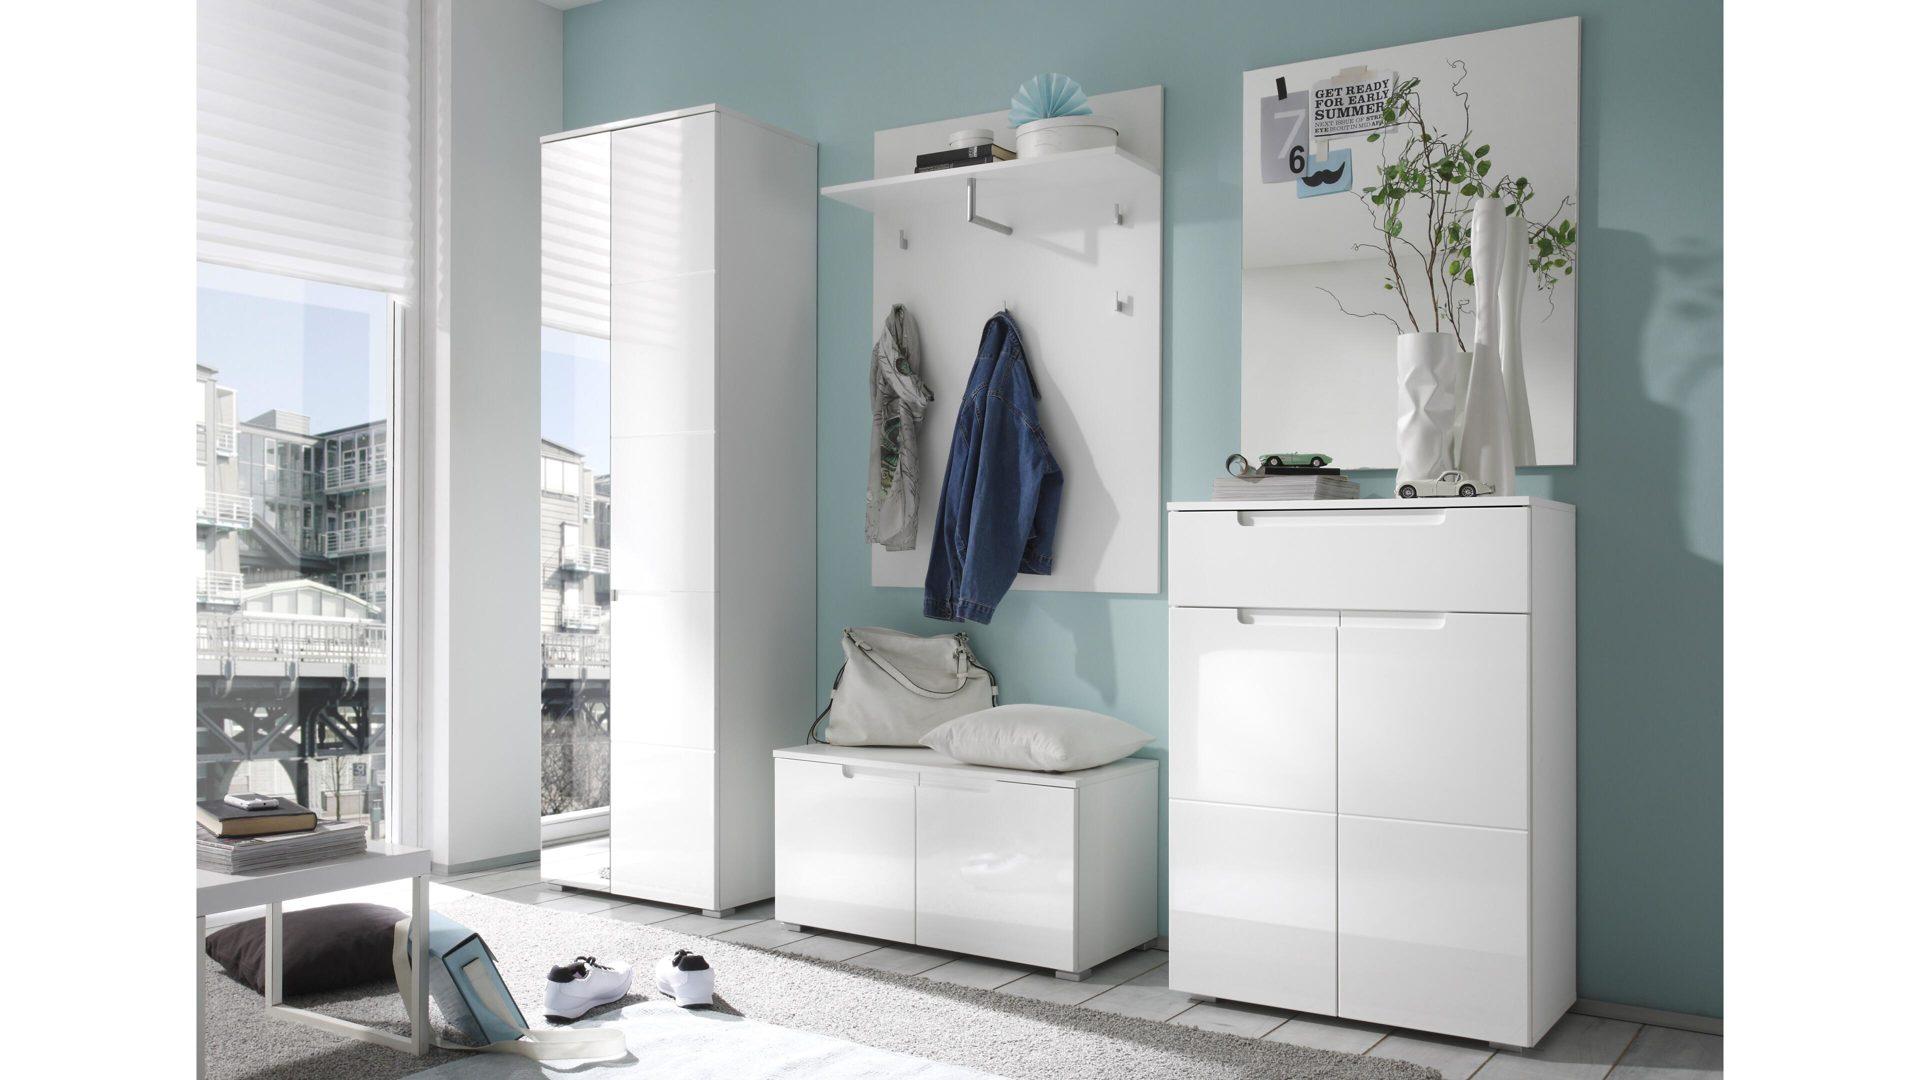 Wandgarderobe Holz Weiß.Einrichtungspartnerring Markenshops Garderobe Garderoben